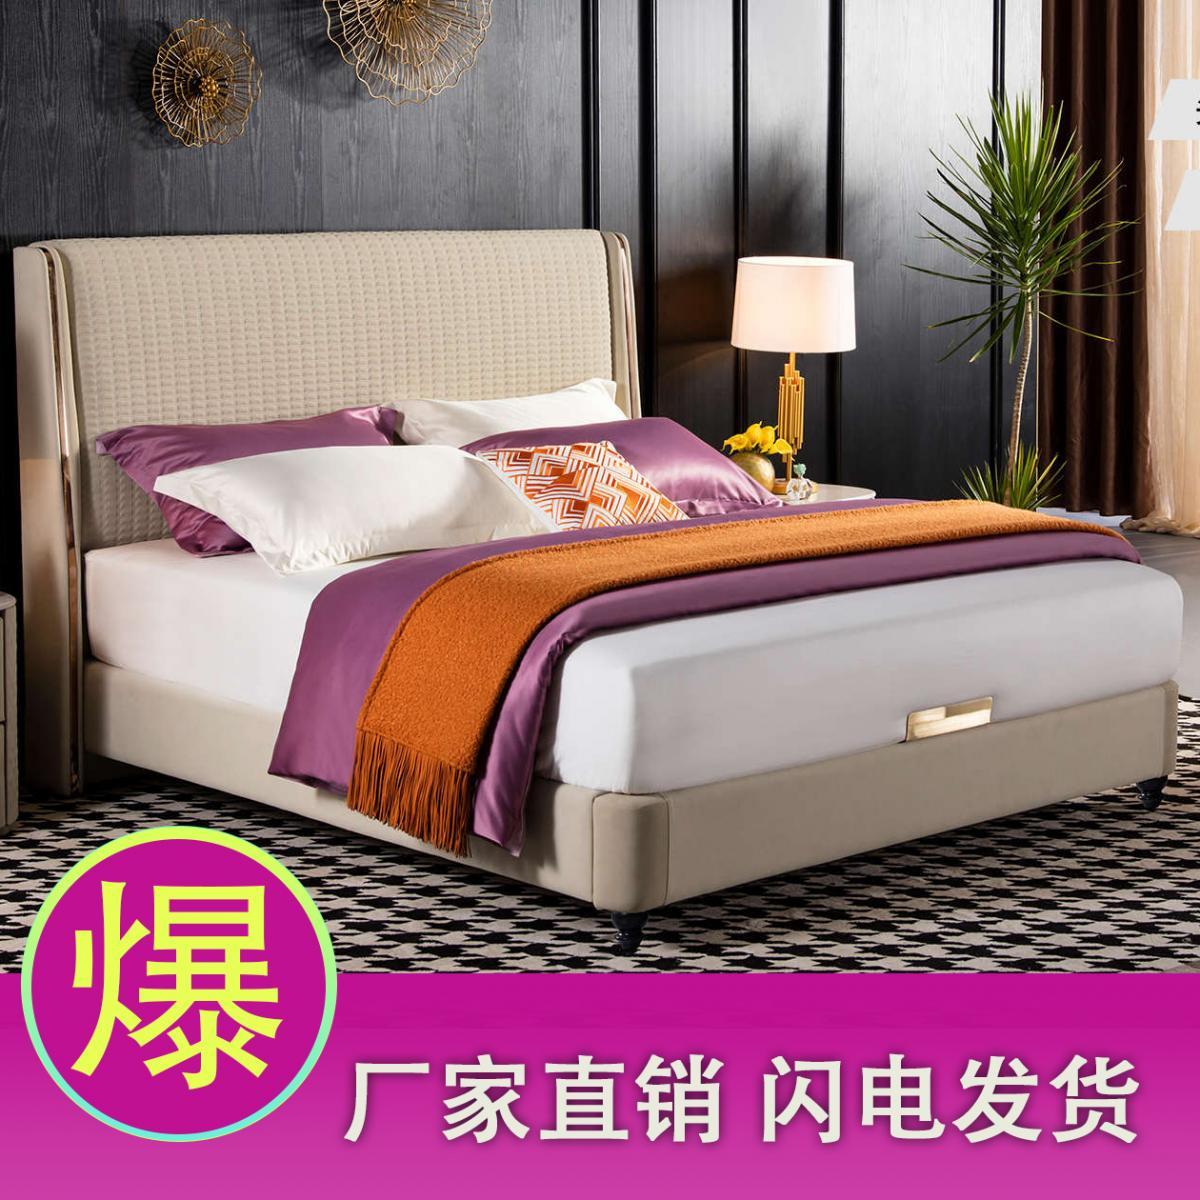 真皮软包床主卧双人床头层牛皮公主床新款网红婚床简约现代实木床